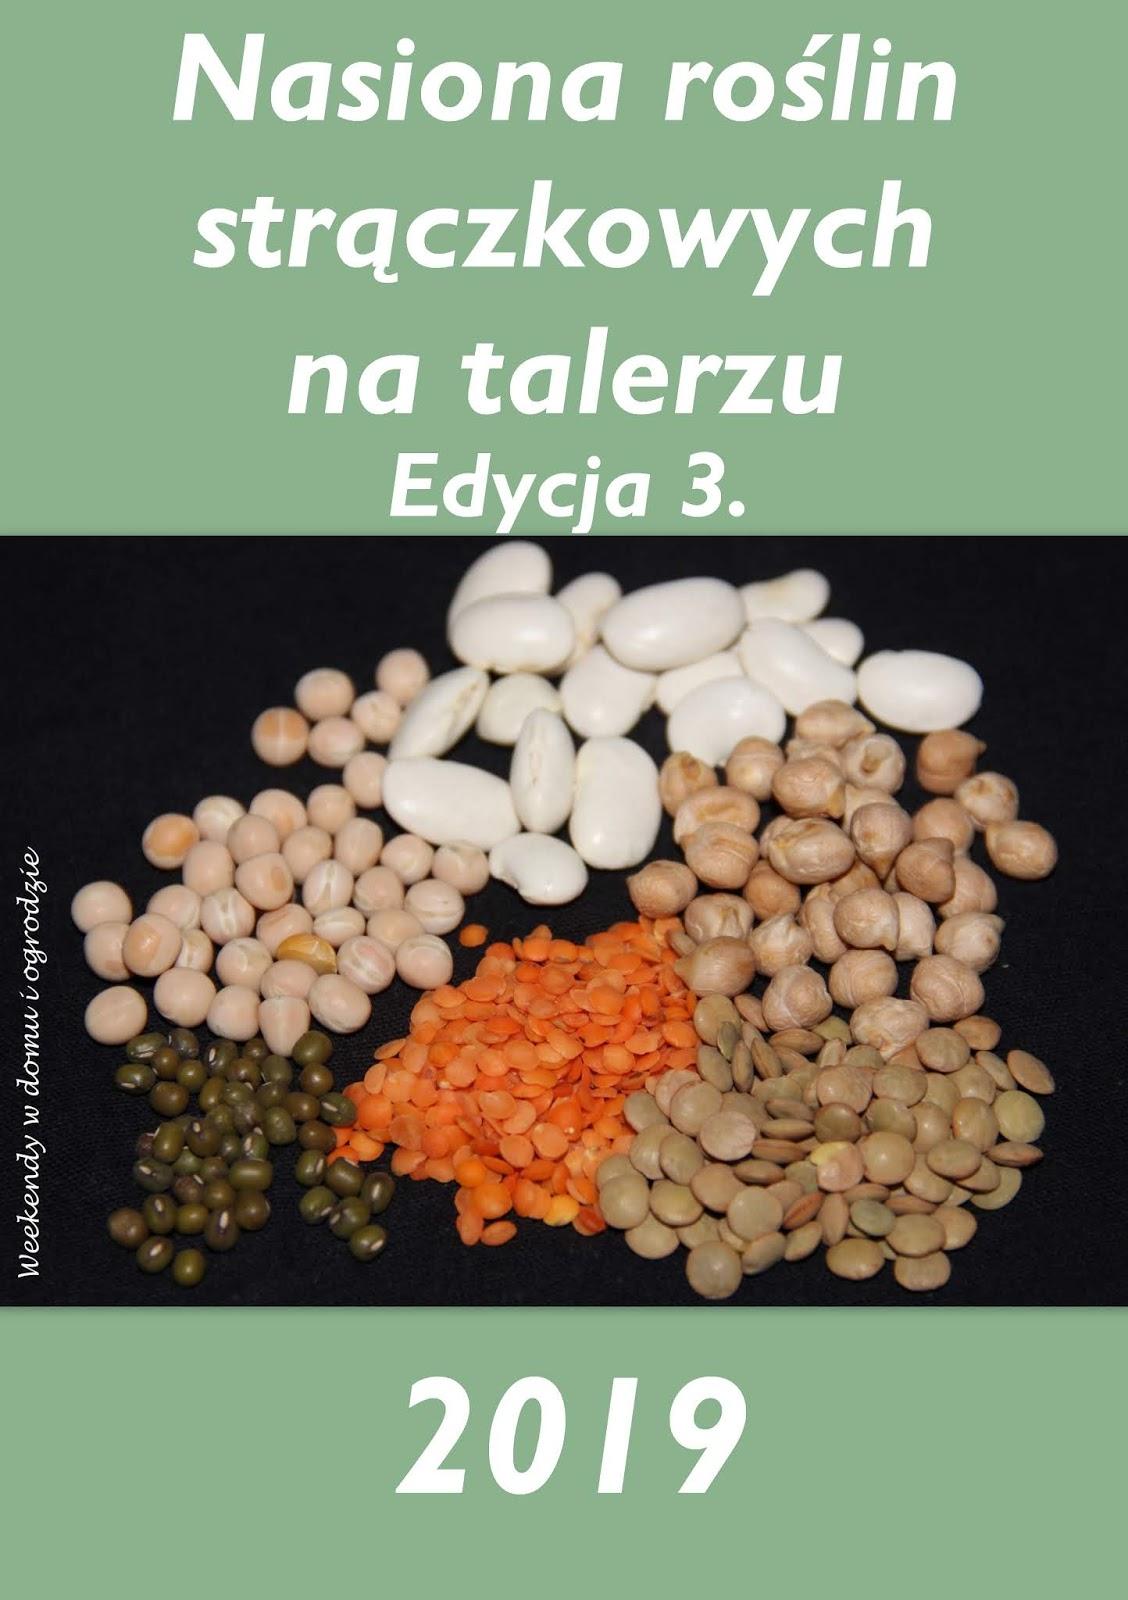 https://weekendywdomuiogrodzie.blogspot.com/2019/01/nasiona-roslin-straczkowych-na-talerzu.html